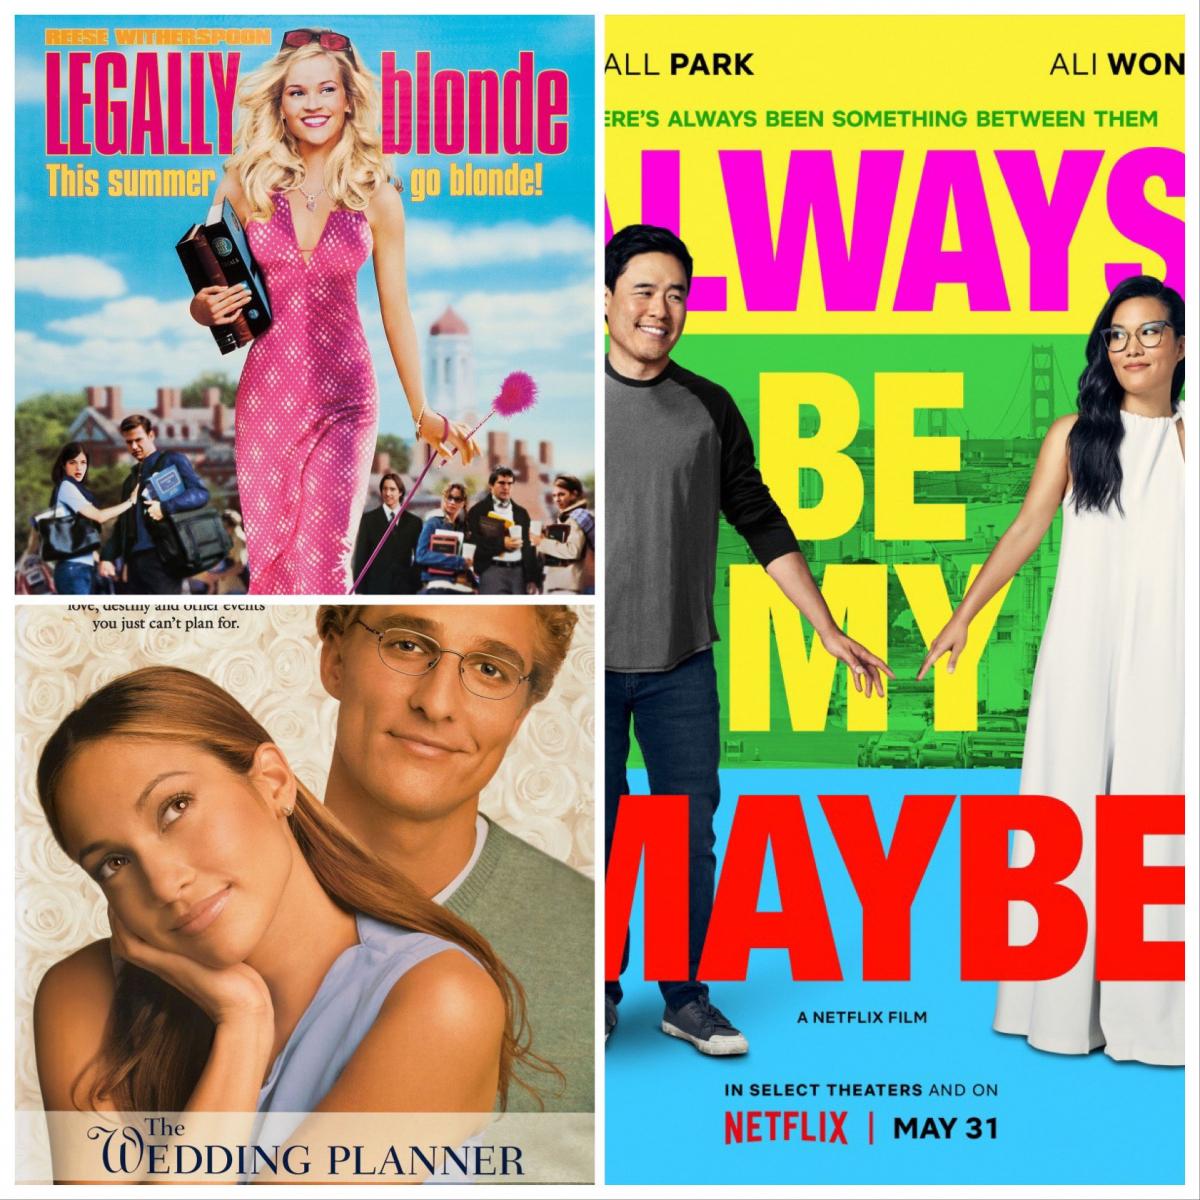 【キャリアと恋、どちらも手に入れたい!編】多忙な毎日を過ごすあまり、恋愛は二の次!になっている女性も多いのでは? そんなときに観たいのが、『キューティ・ブロンド』(2001)、『いつかはマイ・ベイビー』(2019)、『ウェディング・プランナー』(2001)の3作。